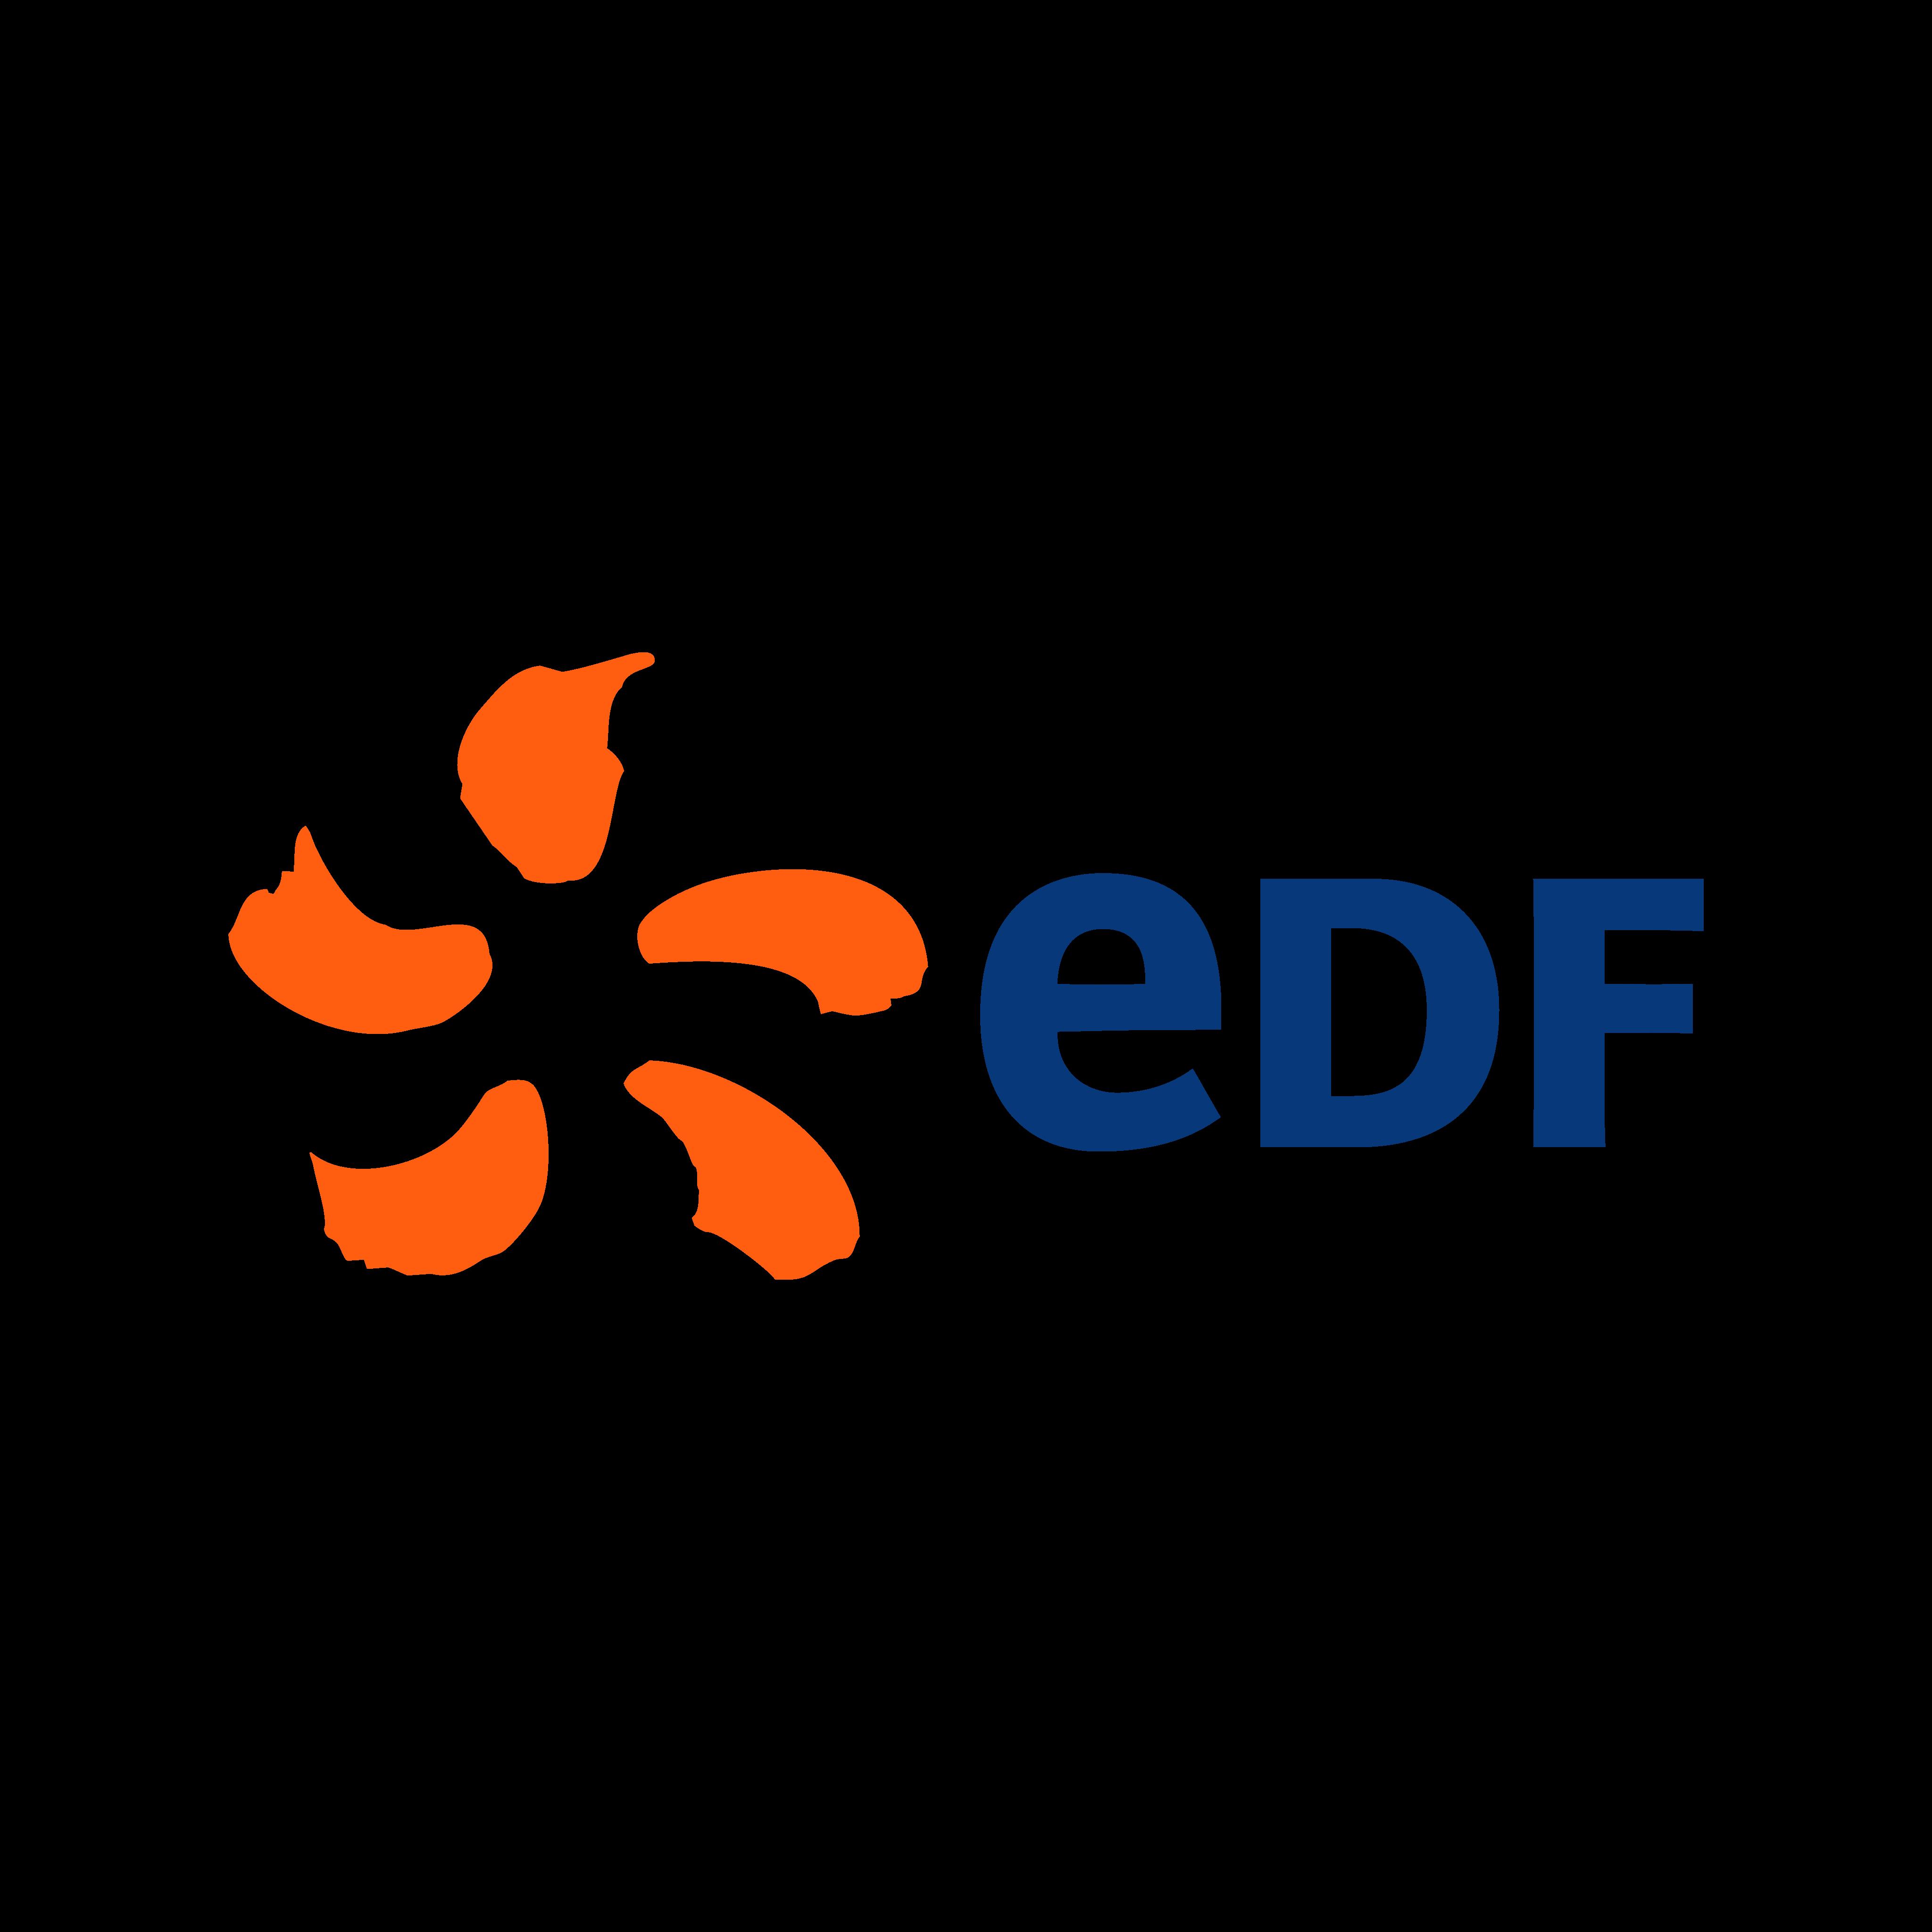 edf logo 0 - EDF Logo